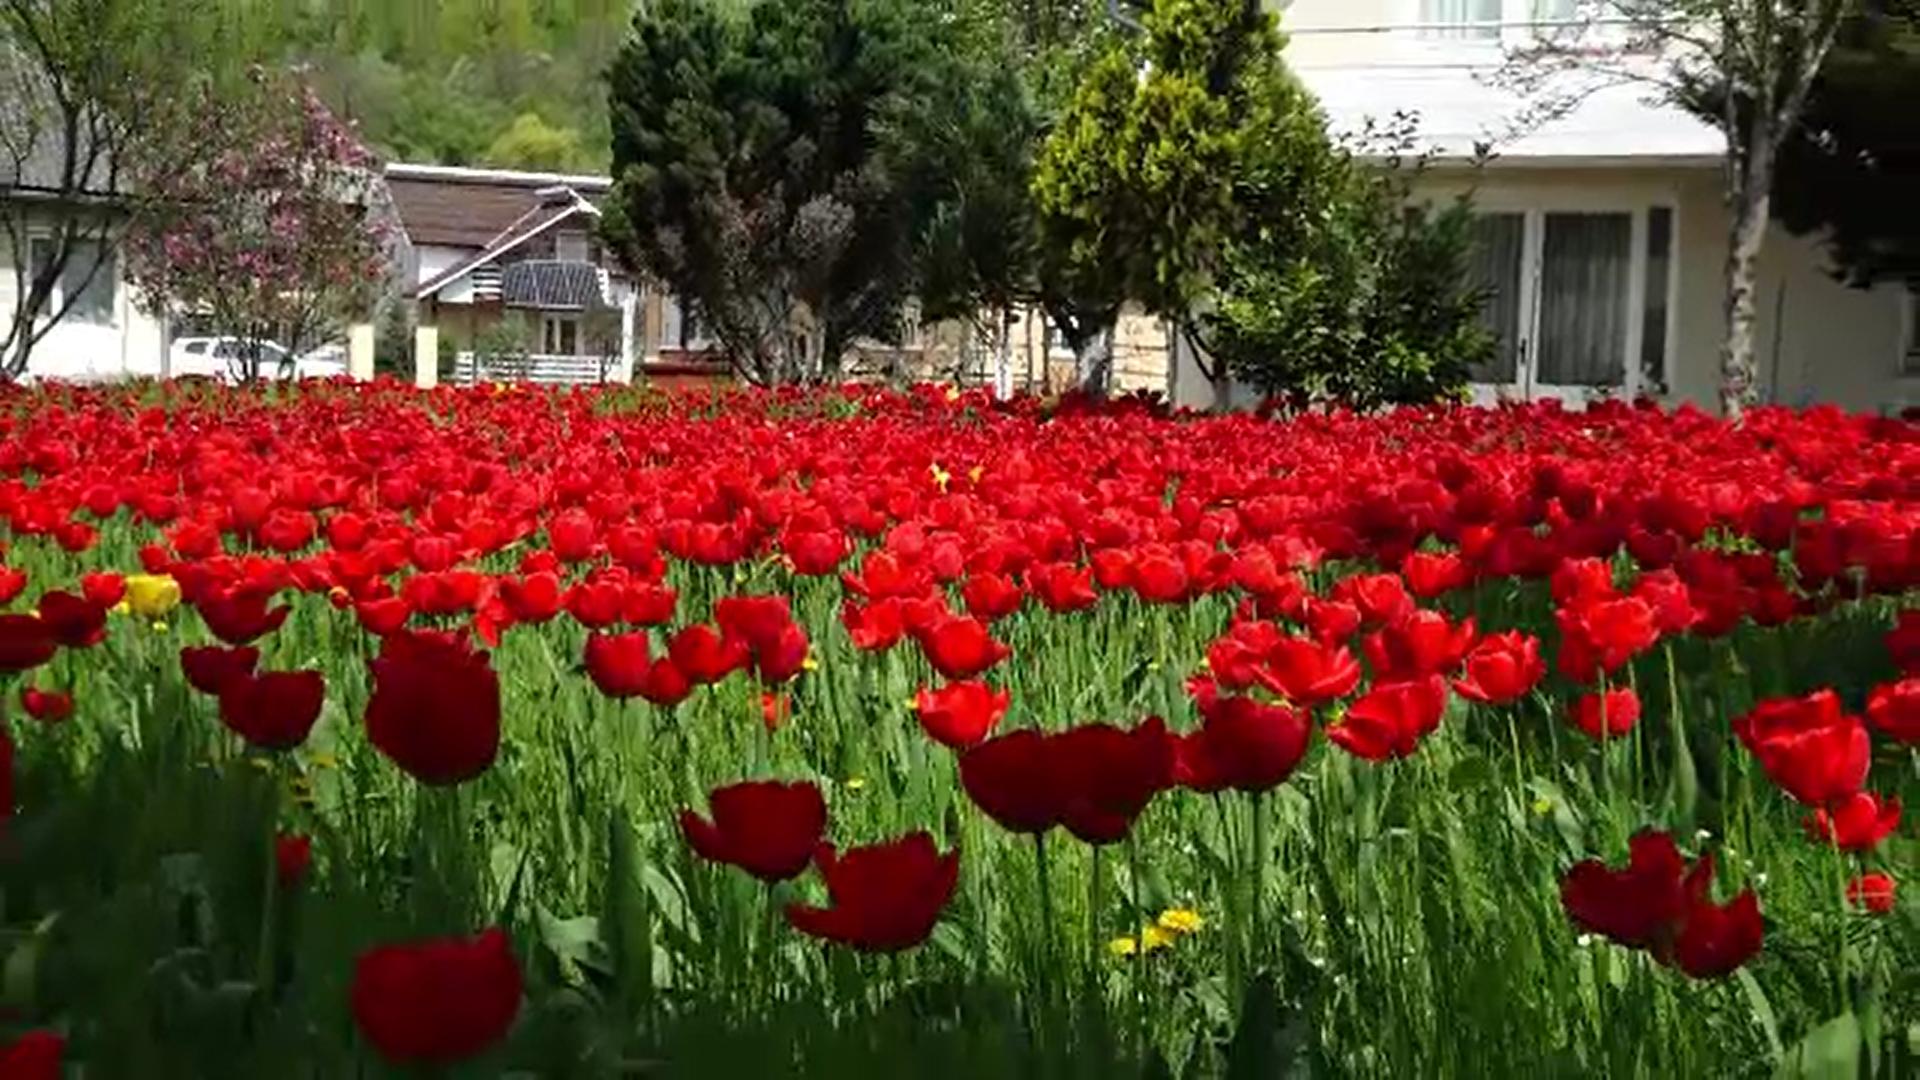 Florile s-au lăsat așteptate în acest an și au apărut mai târziu decât de obicei